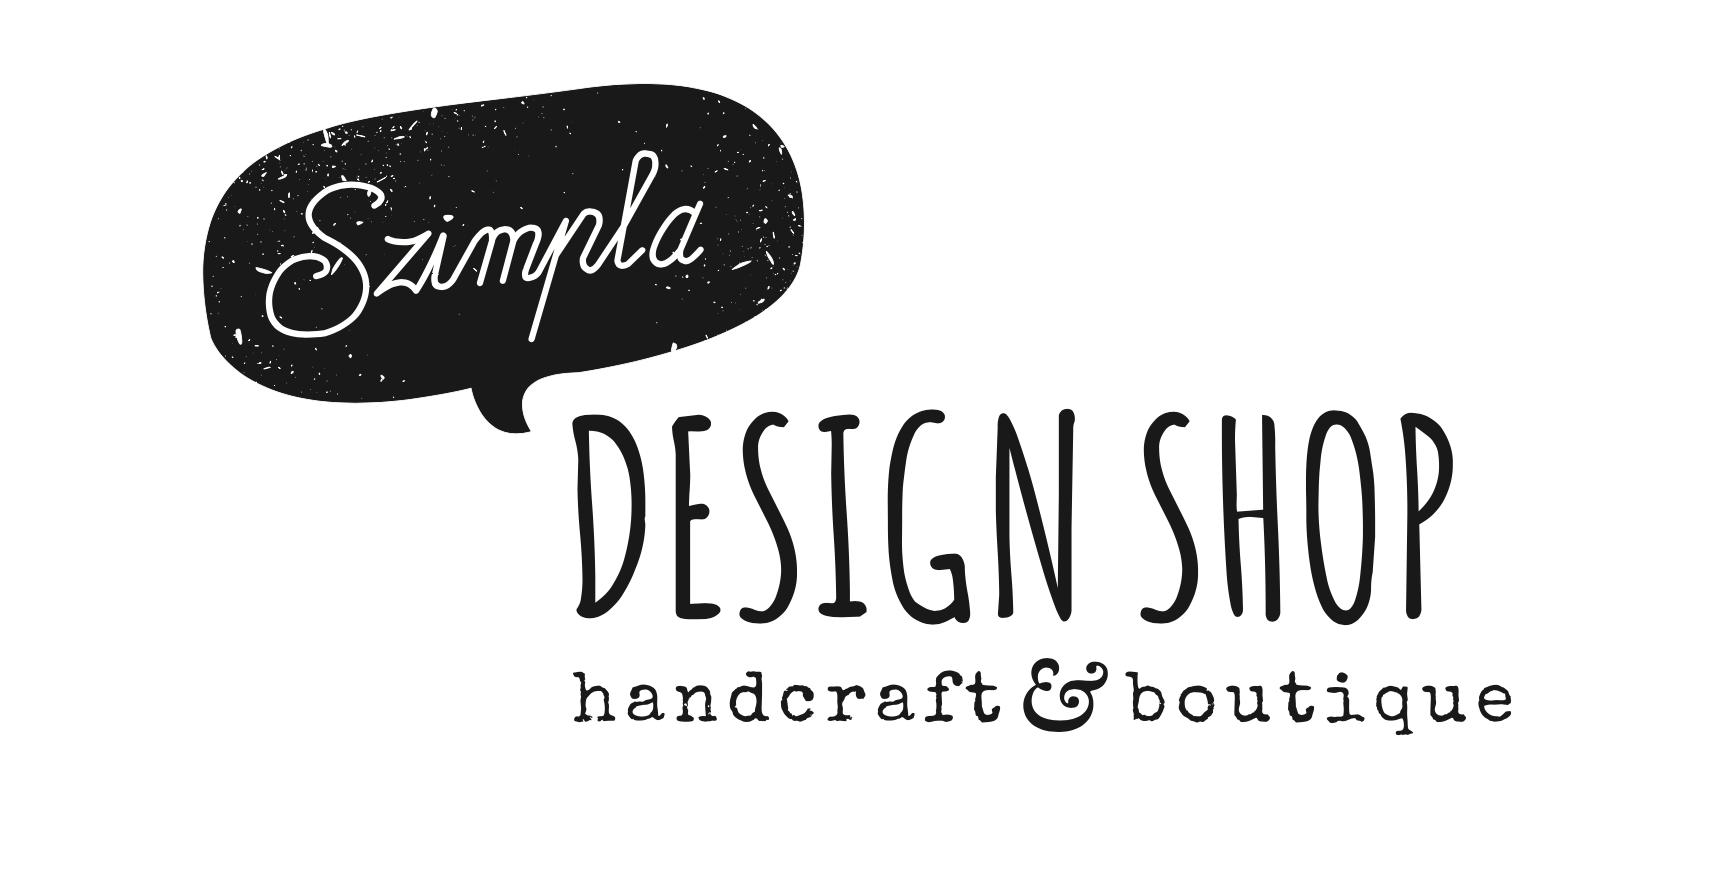 szimpladesign.com